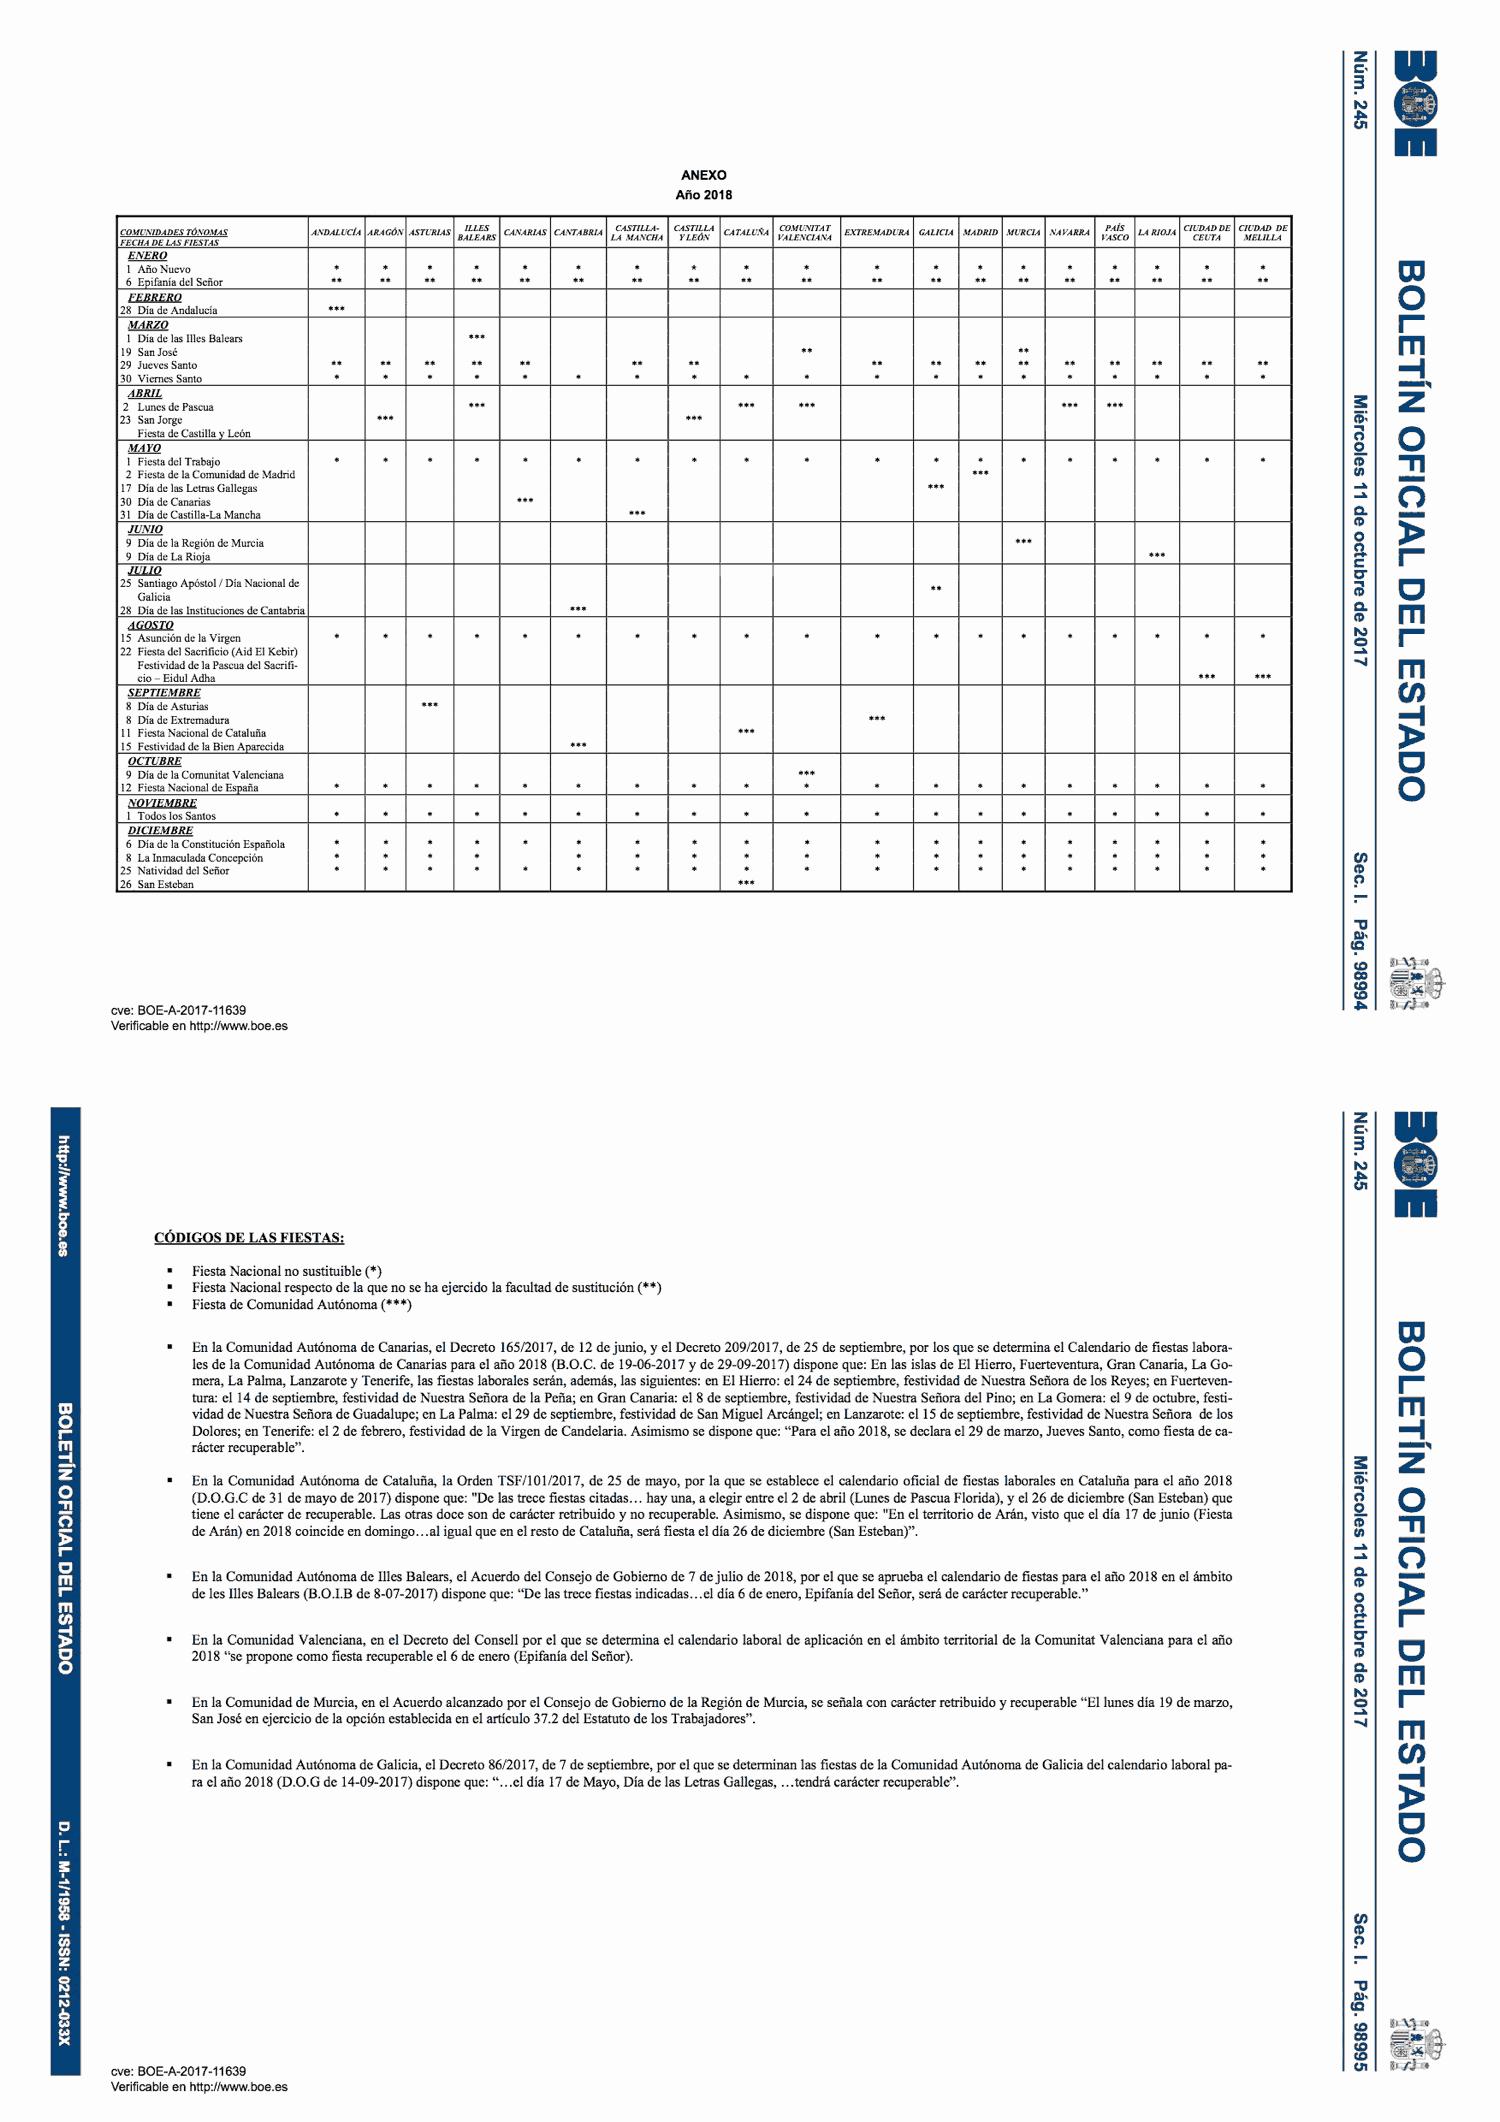 Calendario Laboral Gipuzkoa 2019.Calendario Laboral 2018